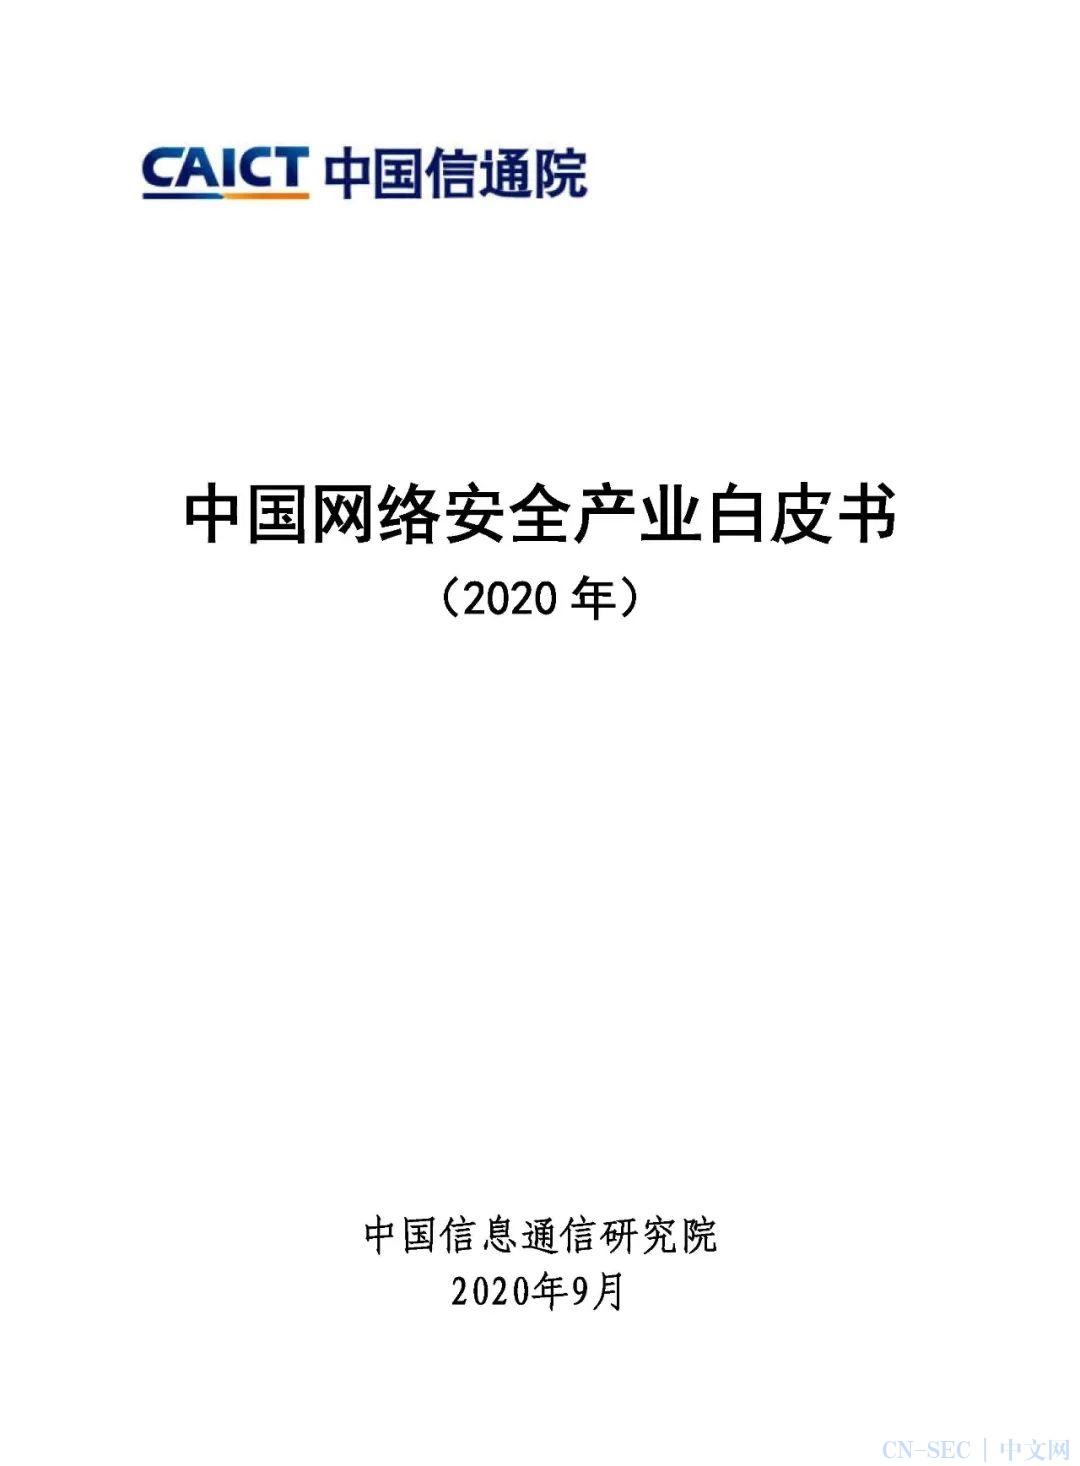 聚焦2020网安周 | 中国信通院发布《中国网络安全产业白皮书(2020年)》(附下载)